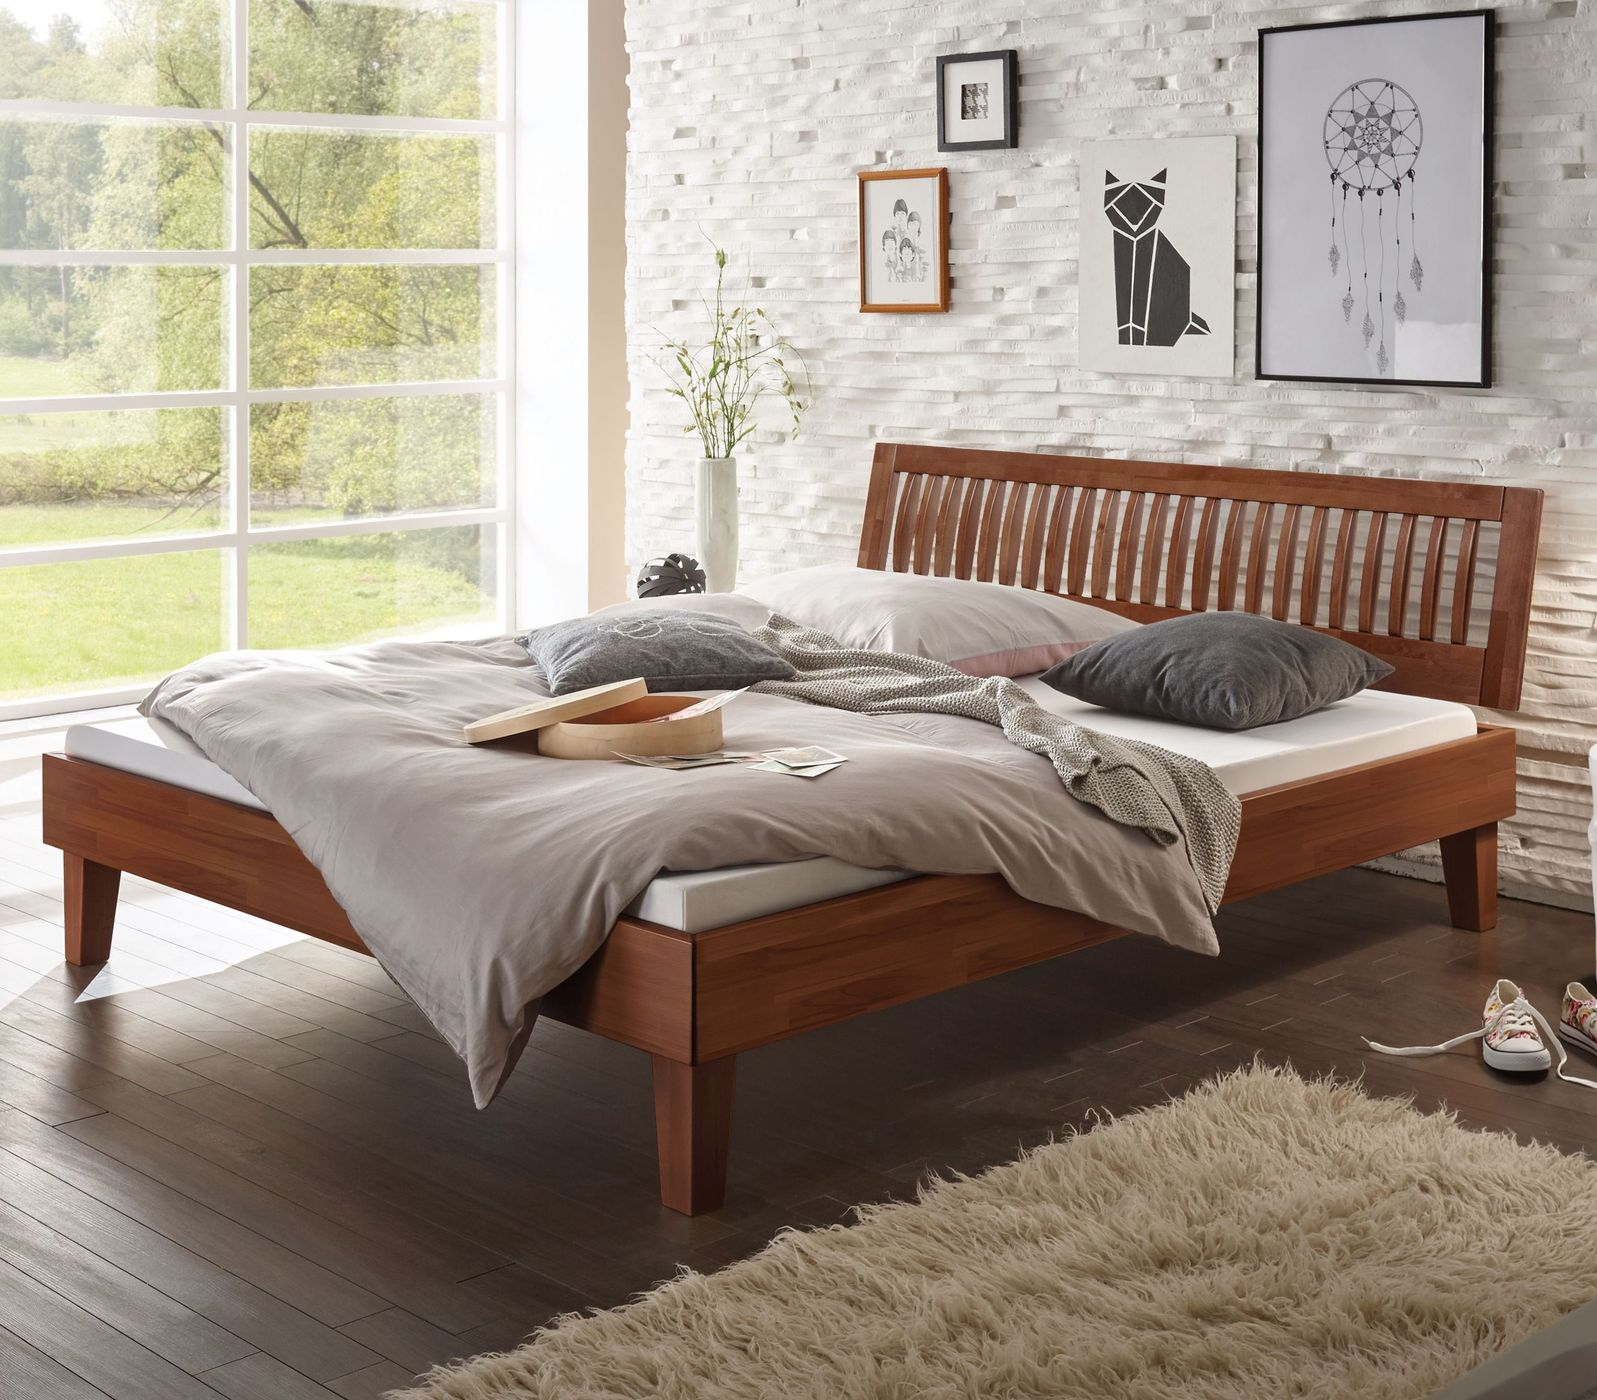 Weißes Massivholzbett in z.B. 200x200 cm Größe - Bett Laredo